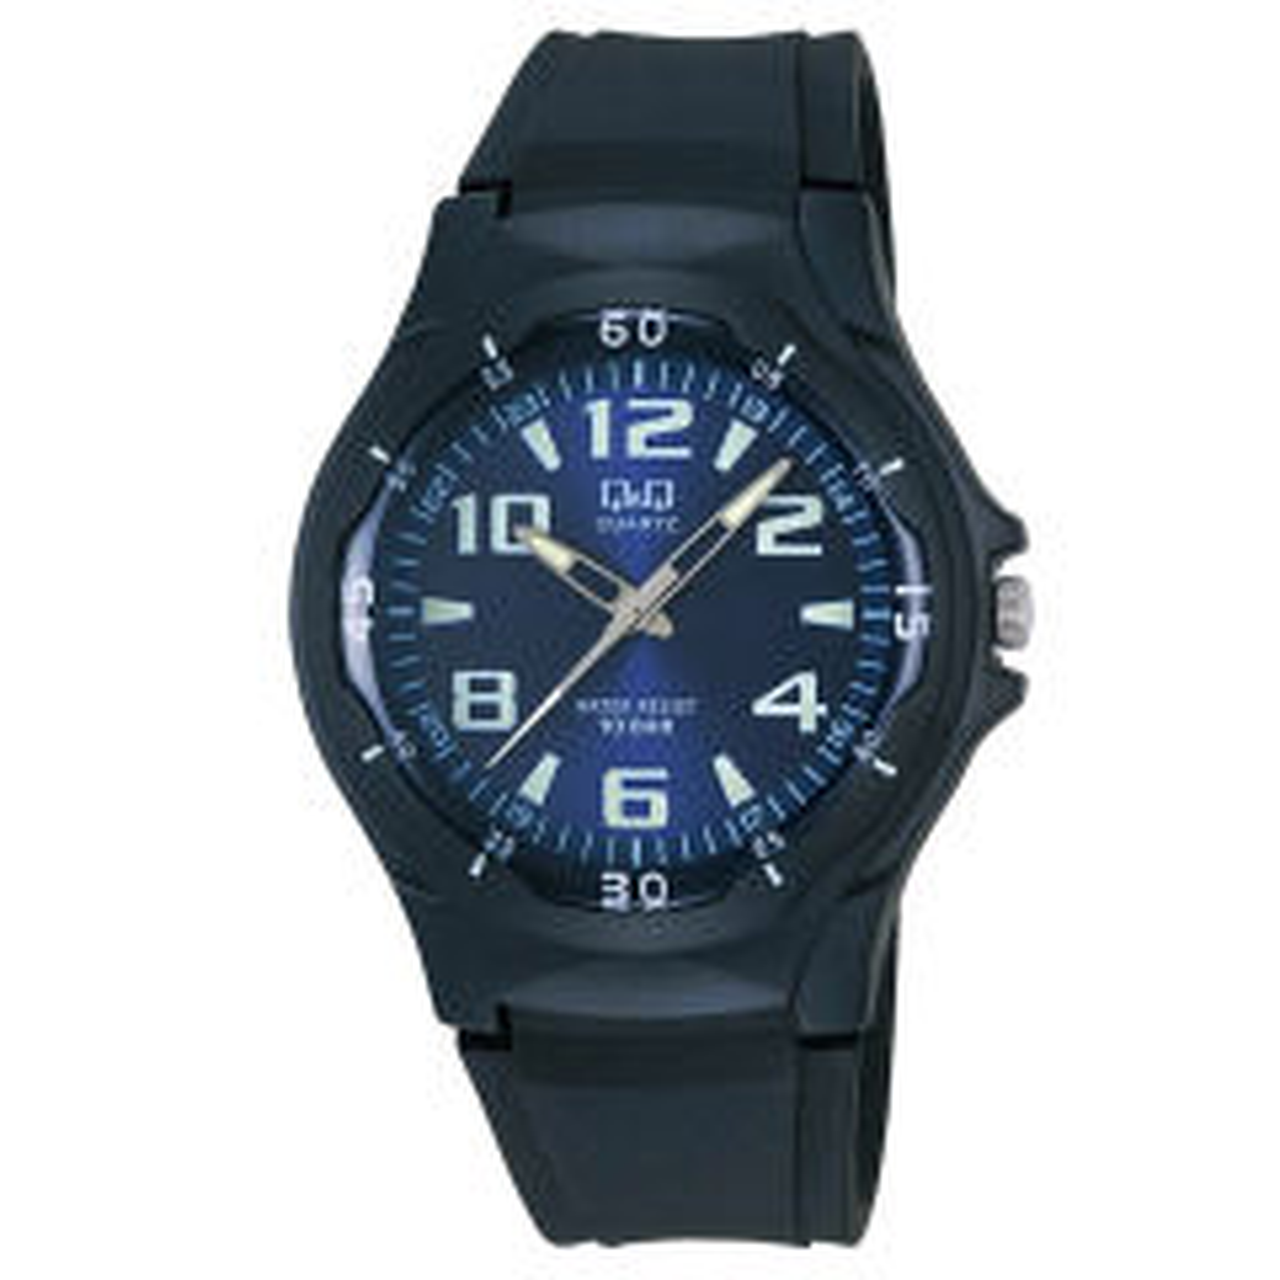 ساعت مچی عقربه ای مردانه کیو اند کیو مدل vp58j003y به همراه دستمال مخصوص برند کلین واچ 44